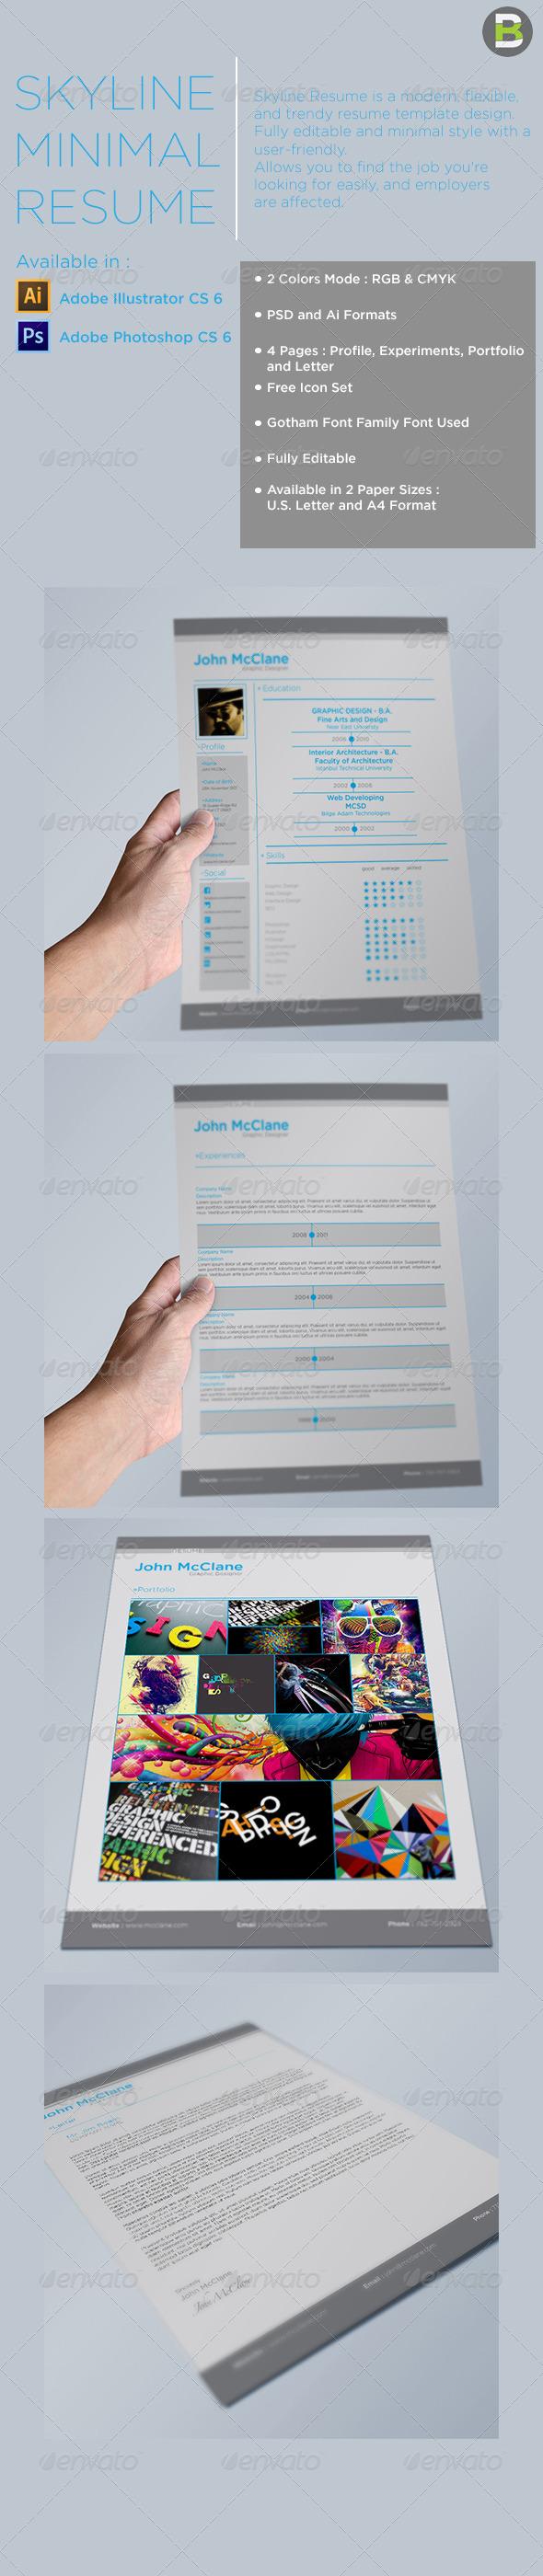 GraphicRiver Skyline Resume 6135321